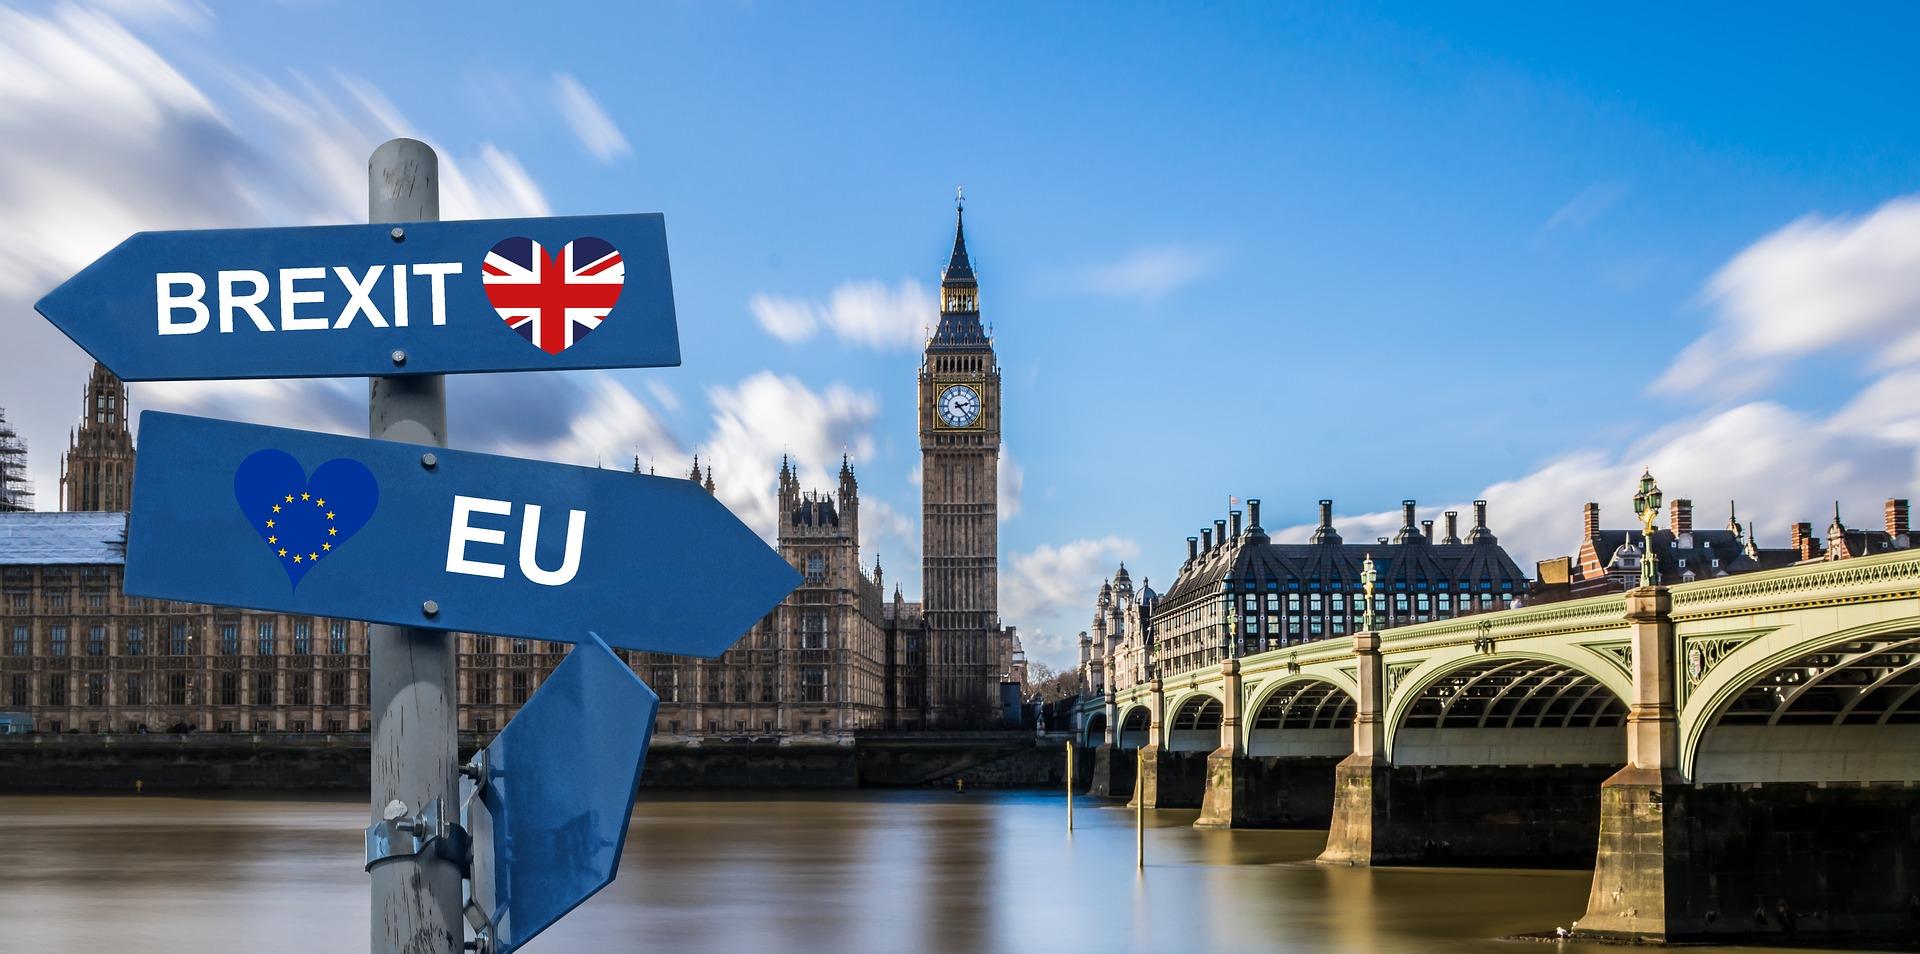 Przewiduje się, że brexit odbije się na rynku pracy w całej Europie. Reperkusje wyjścia z UE Wielkiej Brytanii nie są łatwe do przewidzenia (fot. pixabay.com/domena publiczna)